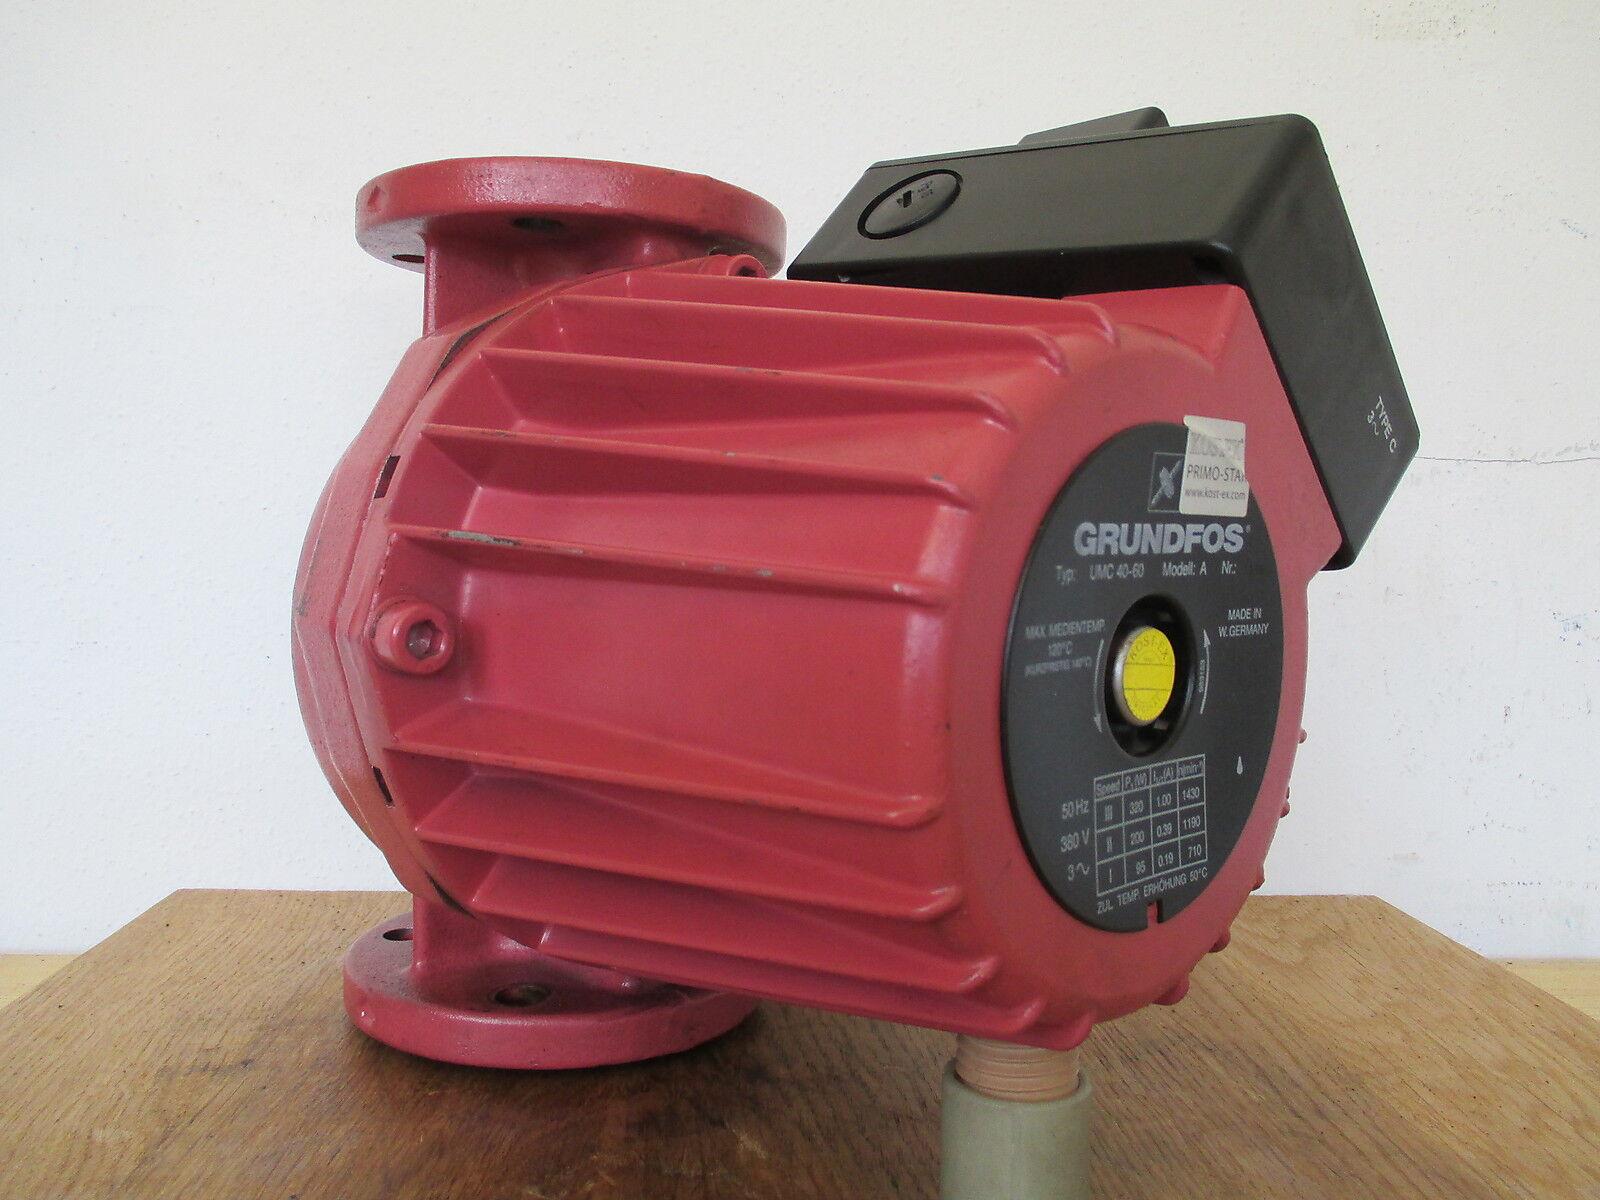 Grundfos Pumpe  UMC 40 - 60  Heizungspumpe Umwälzpumpe  3x380V  KOST-EX  P14 230